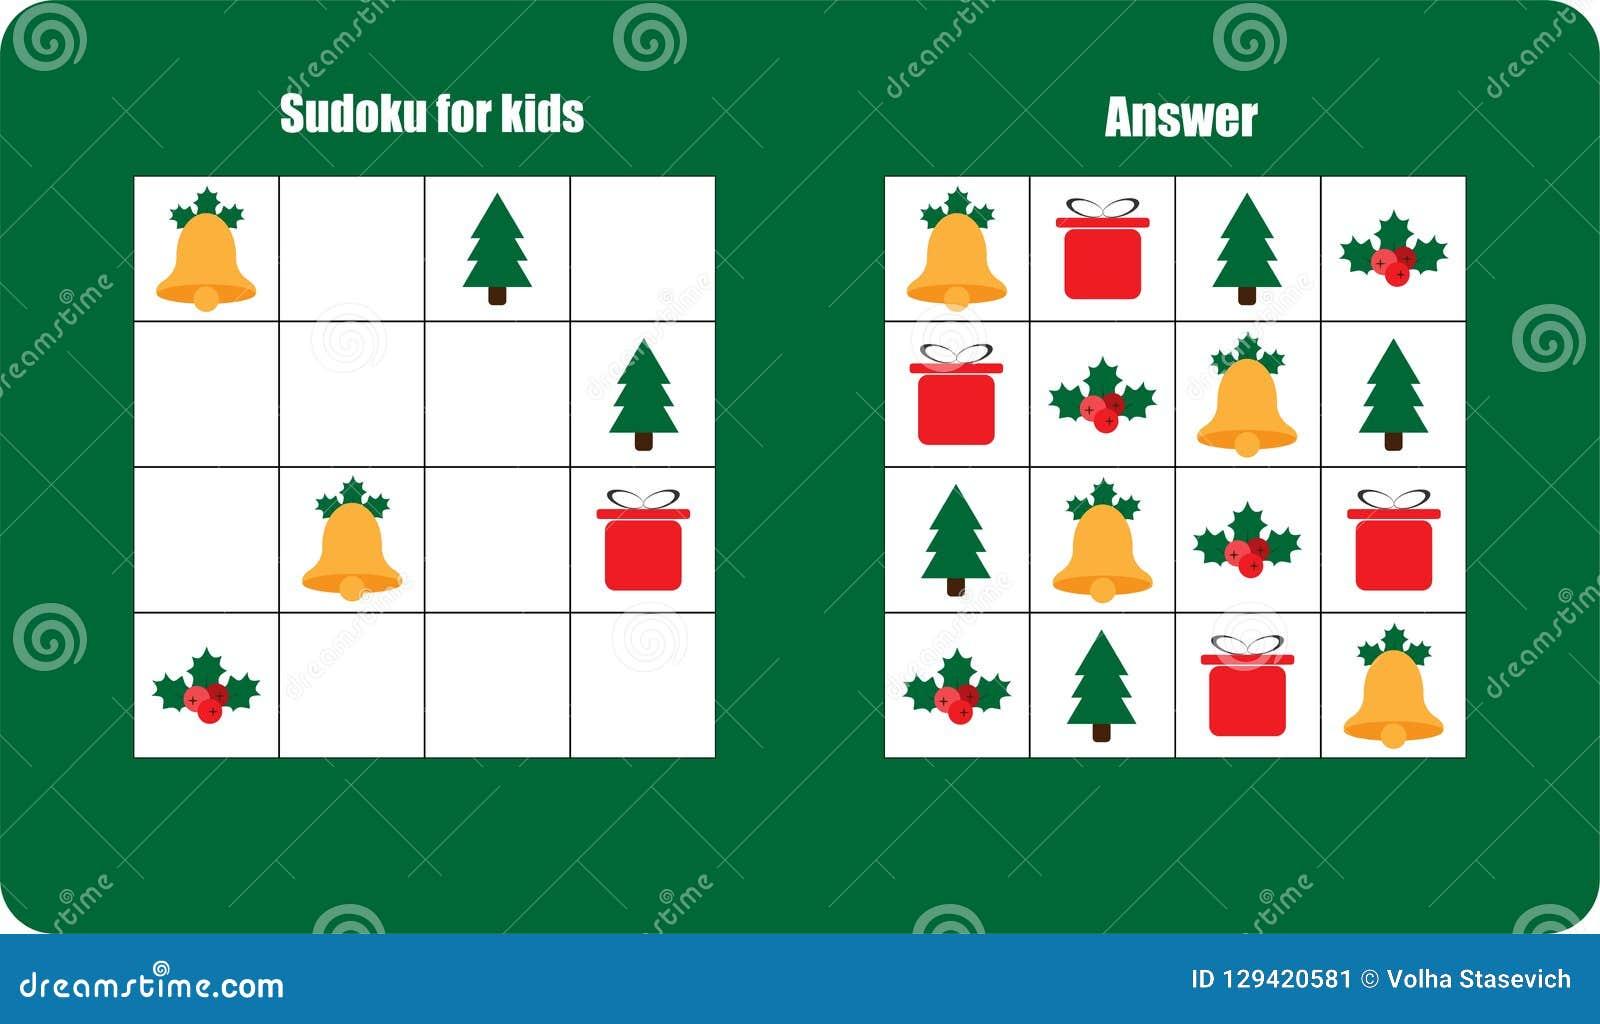 Juego De Sudoku Con La Campana De Las Imagenes De La Navidad Regalo